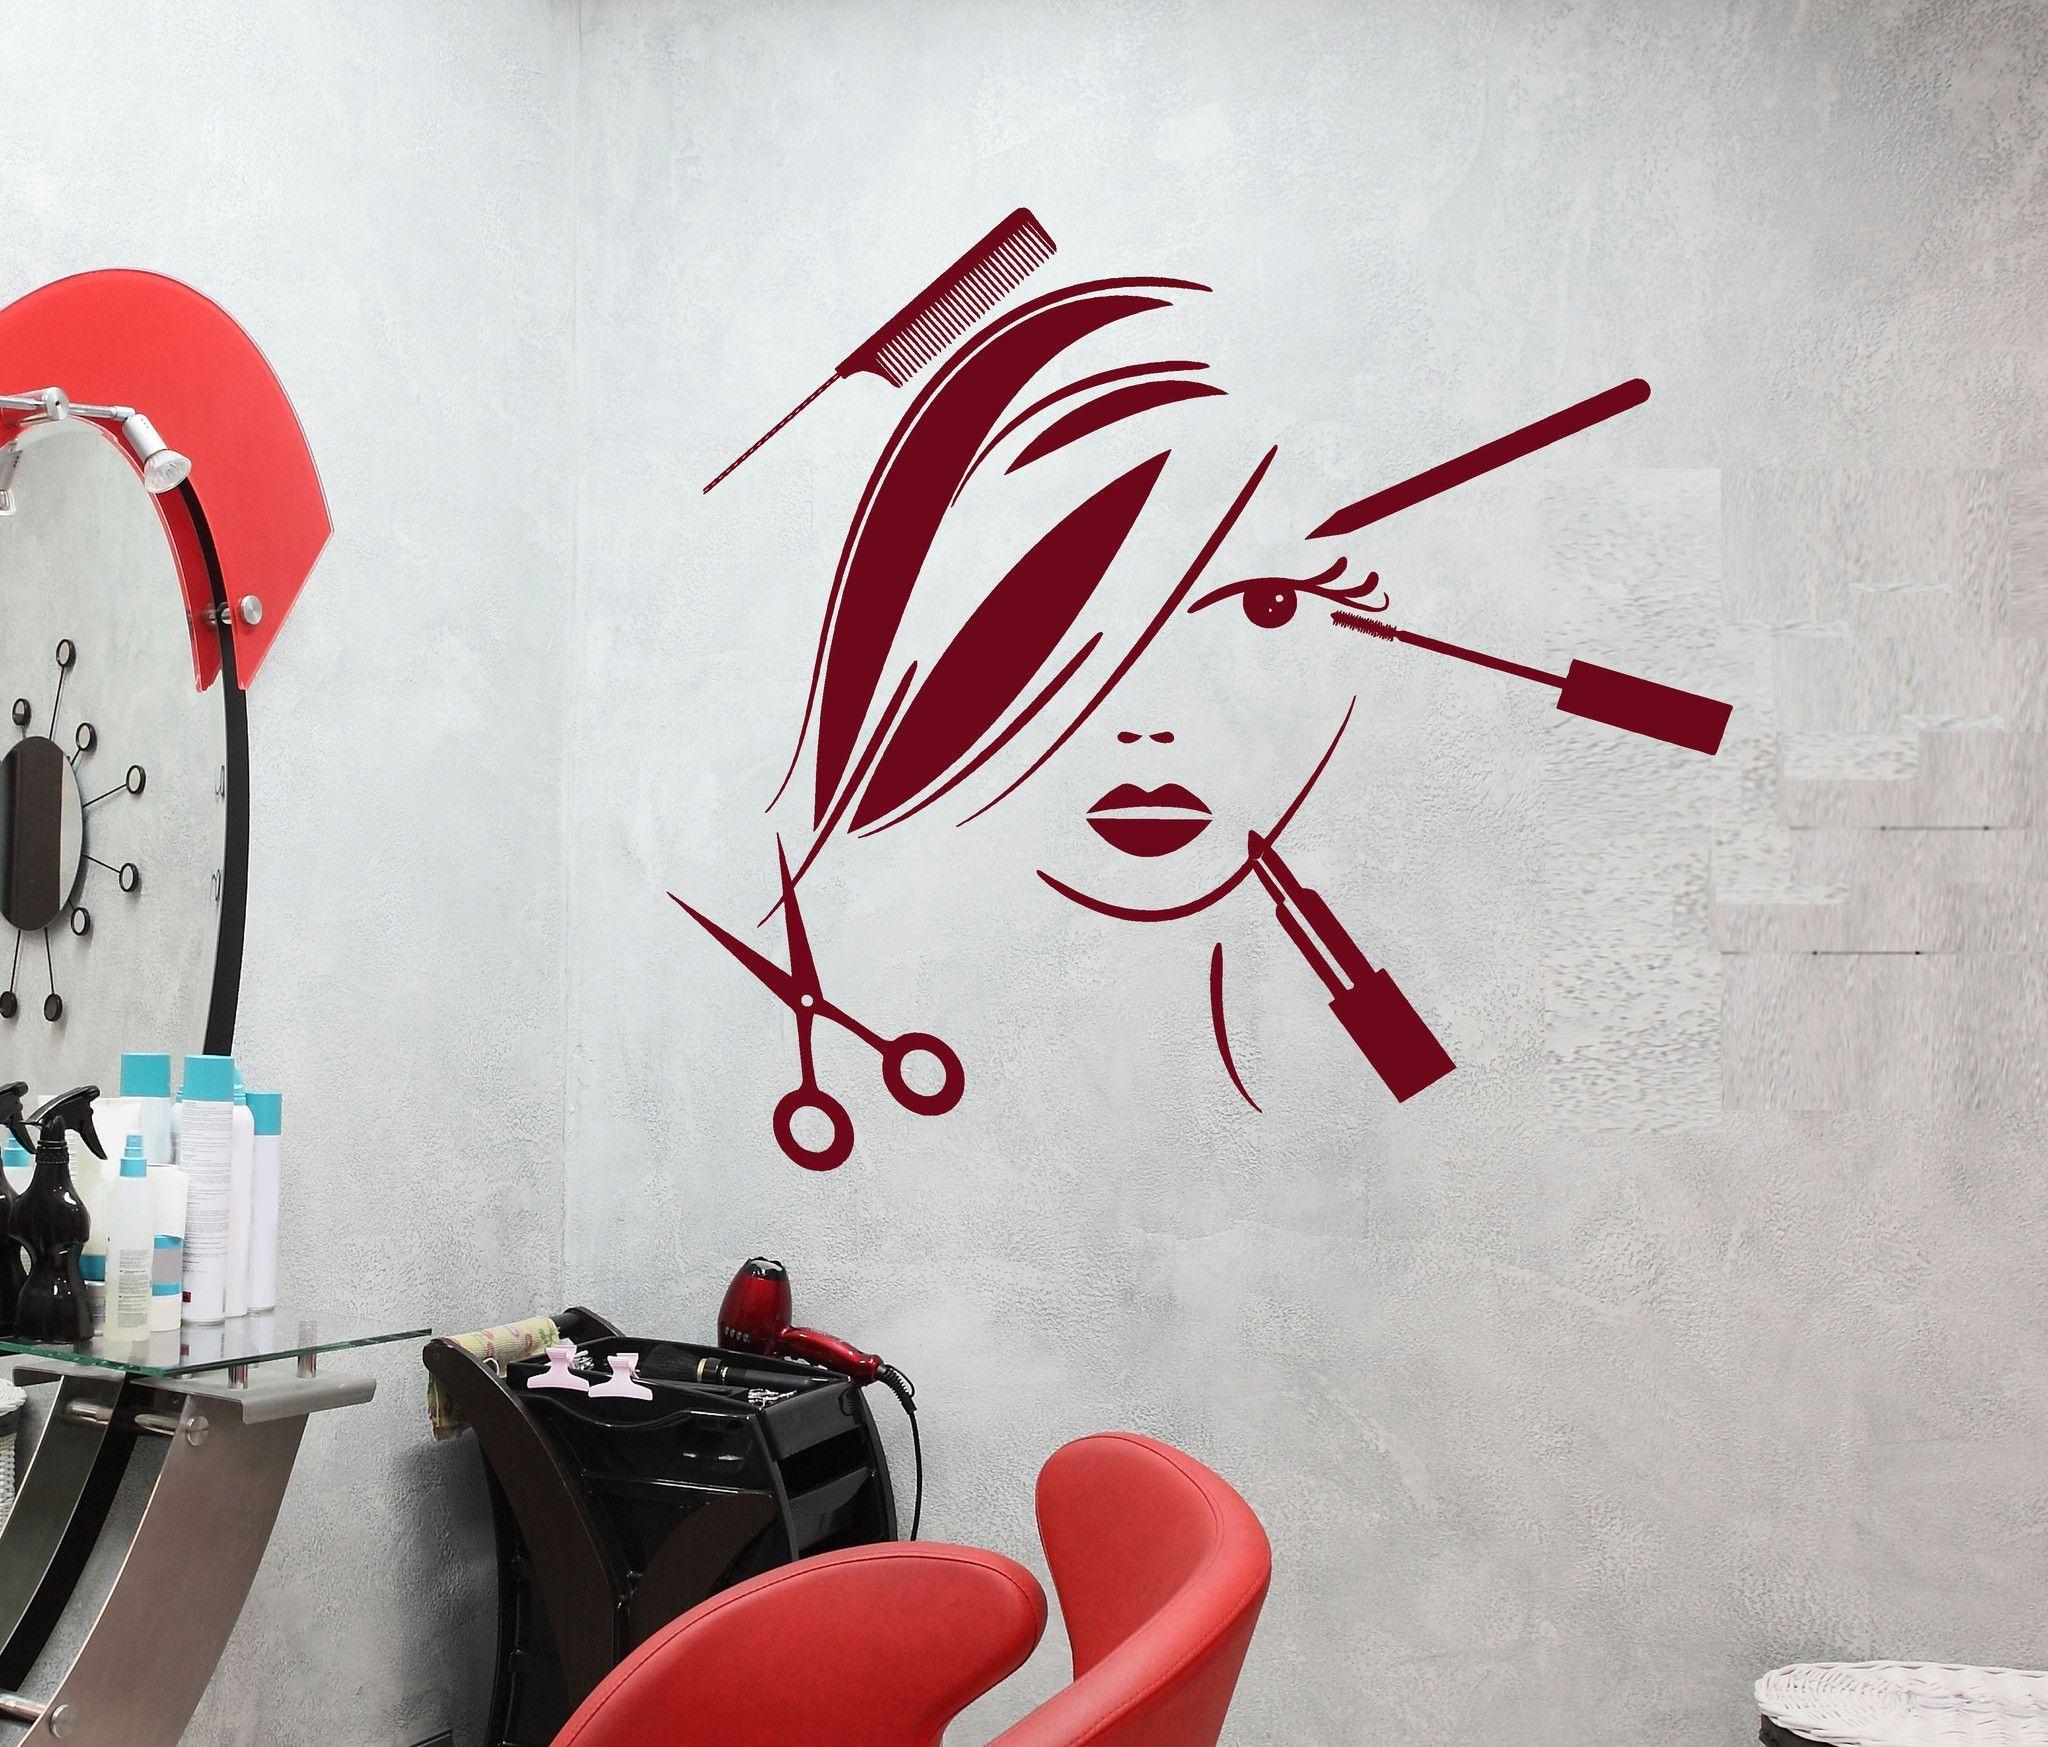 Vinyl Decal Beauty Salon Decor Hair Stylist Tools Spa Barber Style